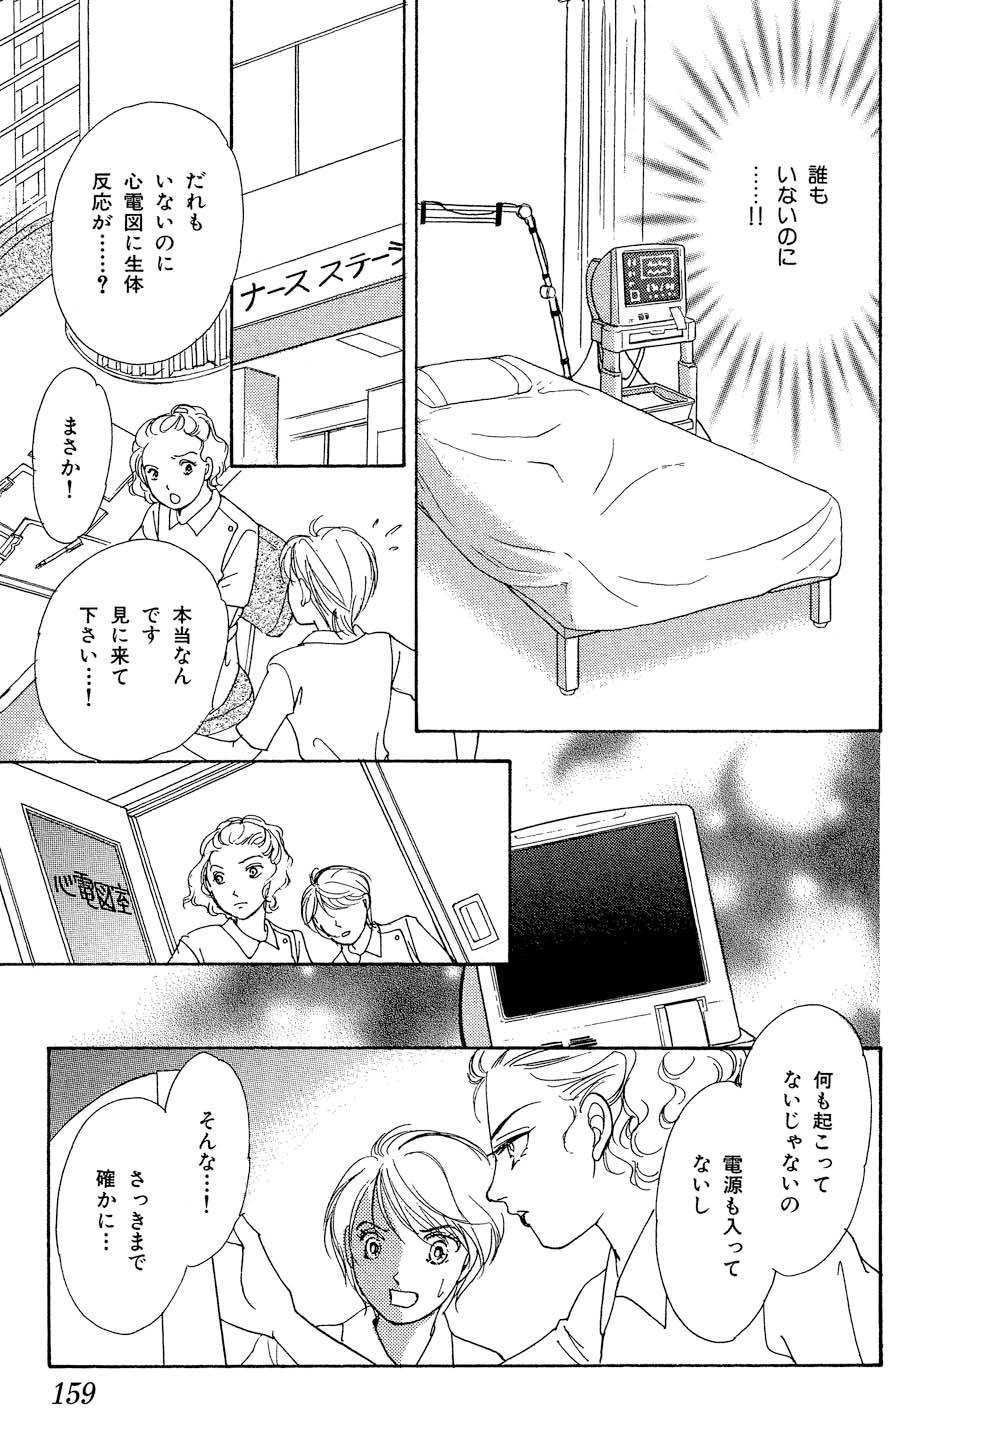 hakui_0001_0159.jpg